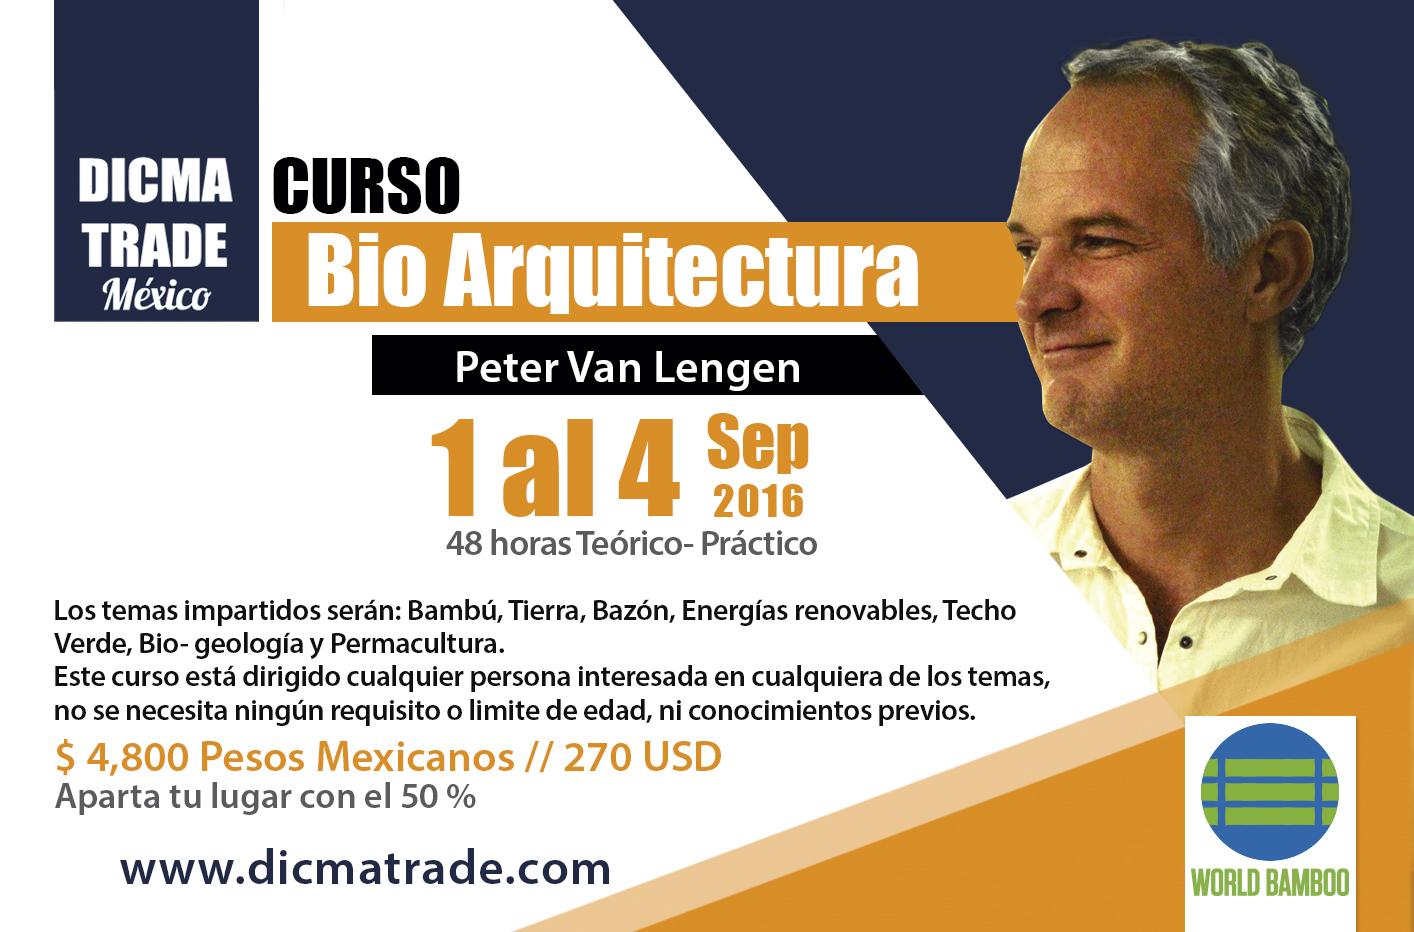 Curso De Bio Arquitectura Peter Van Lengen Archdaily